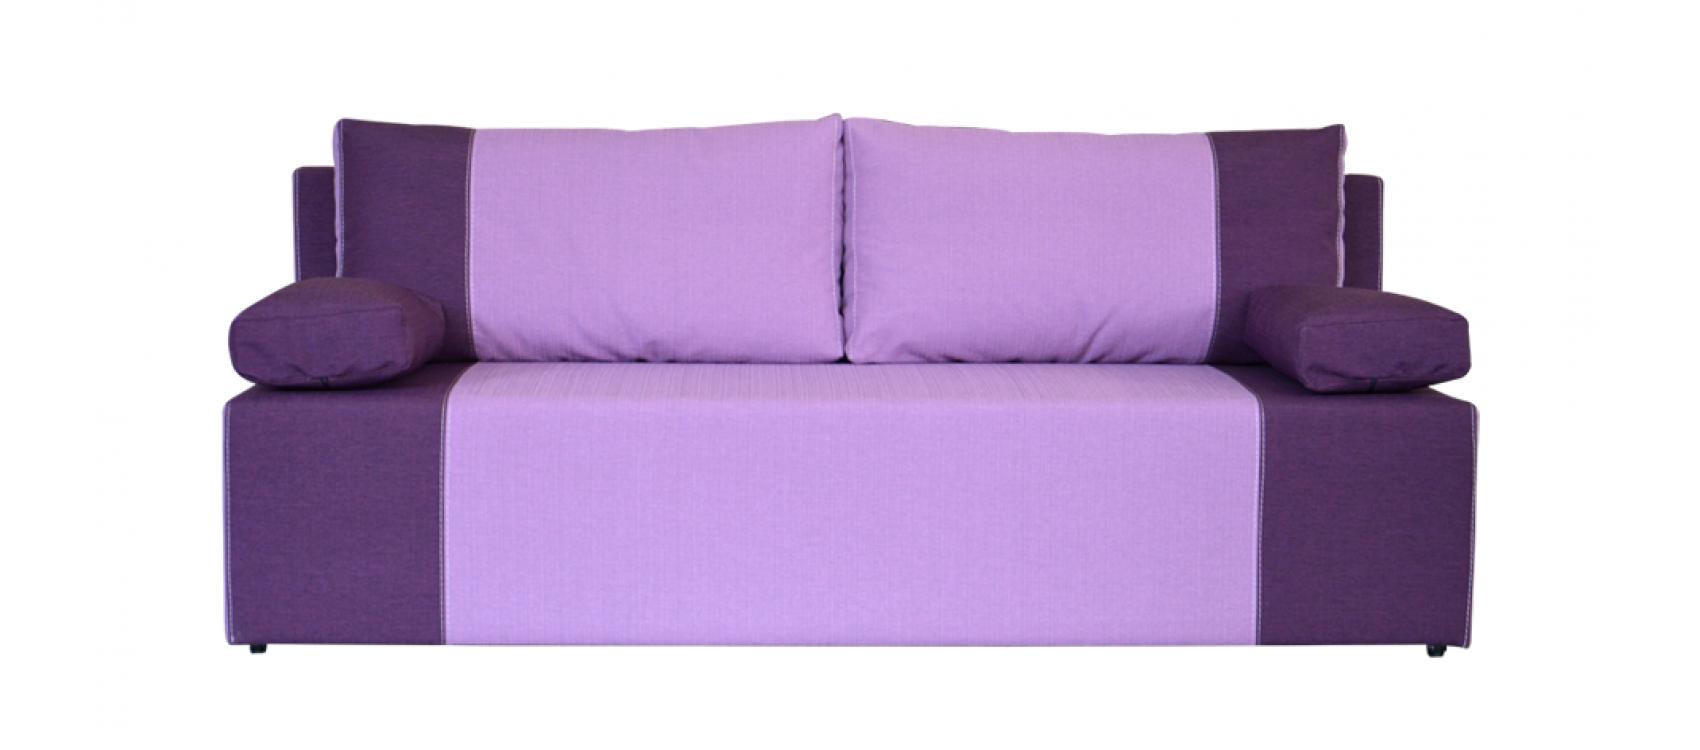 Sofa VITO фото 1